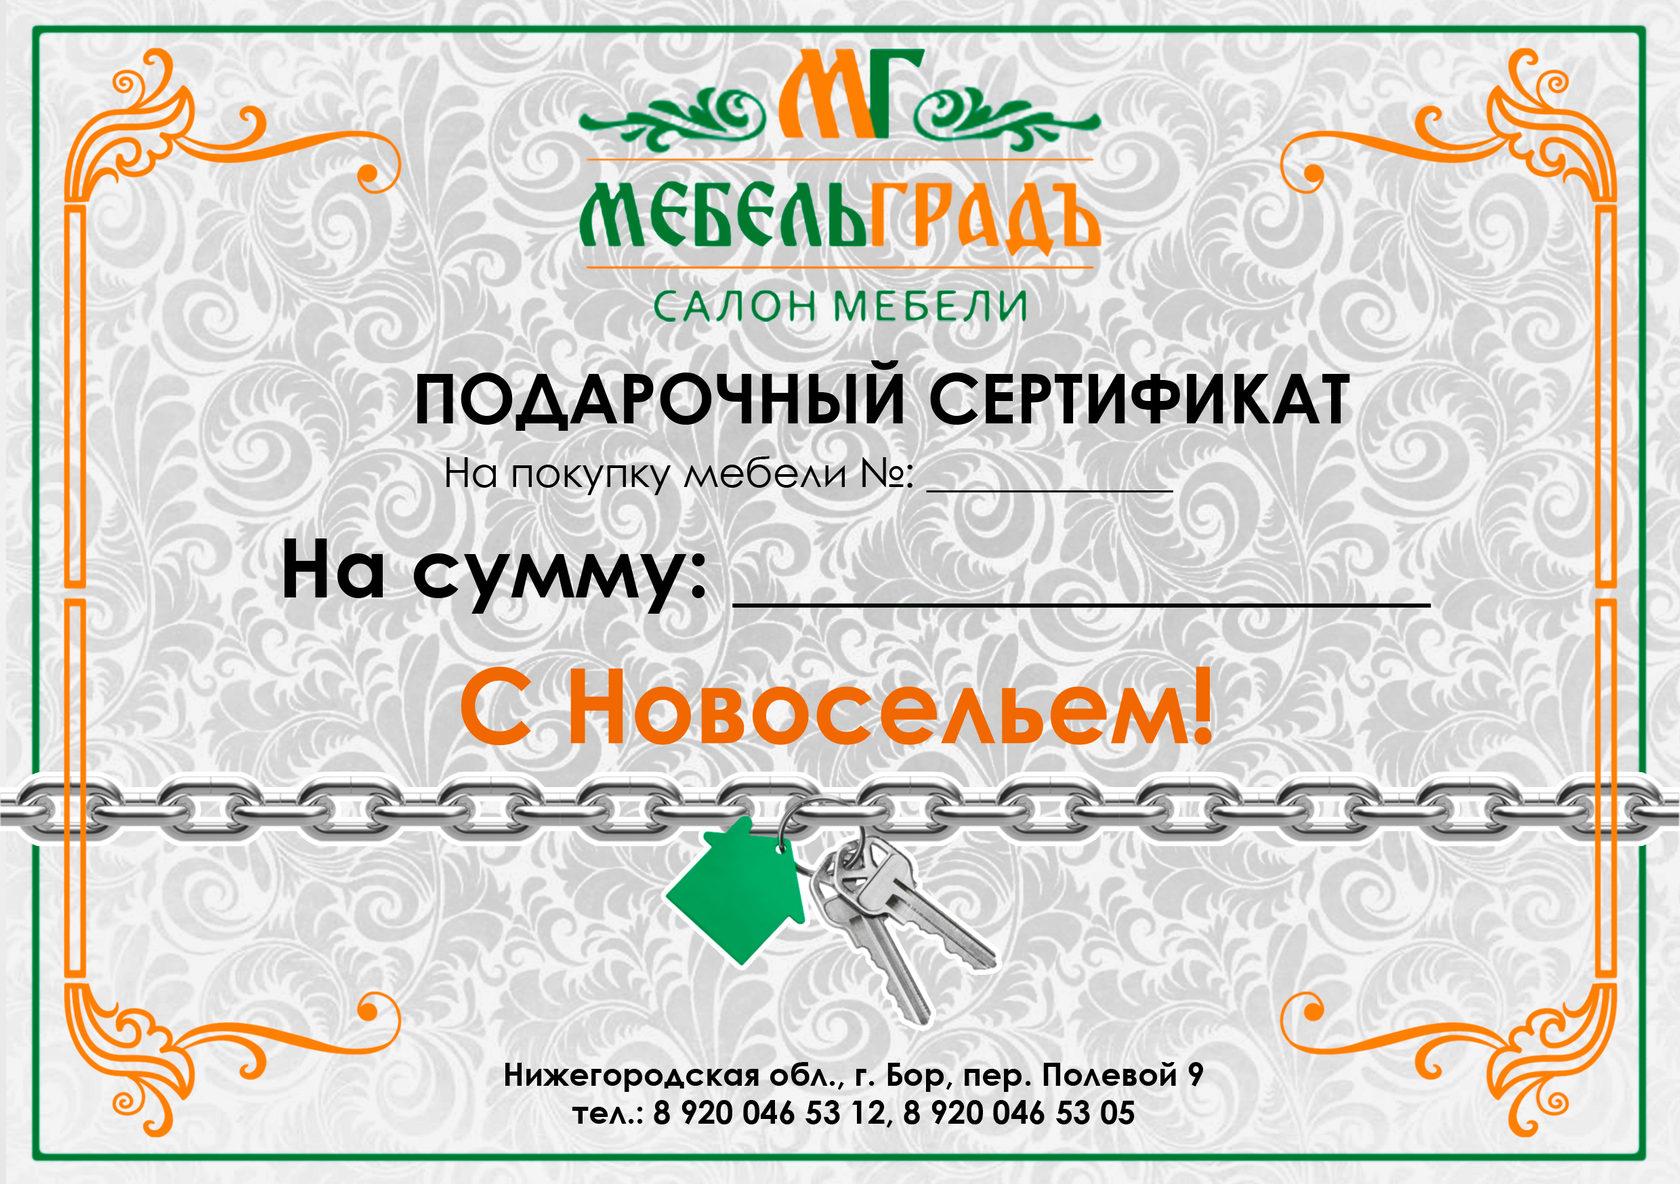 столице поздравления по подарку сертификат подарочный металл сам себе